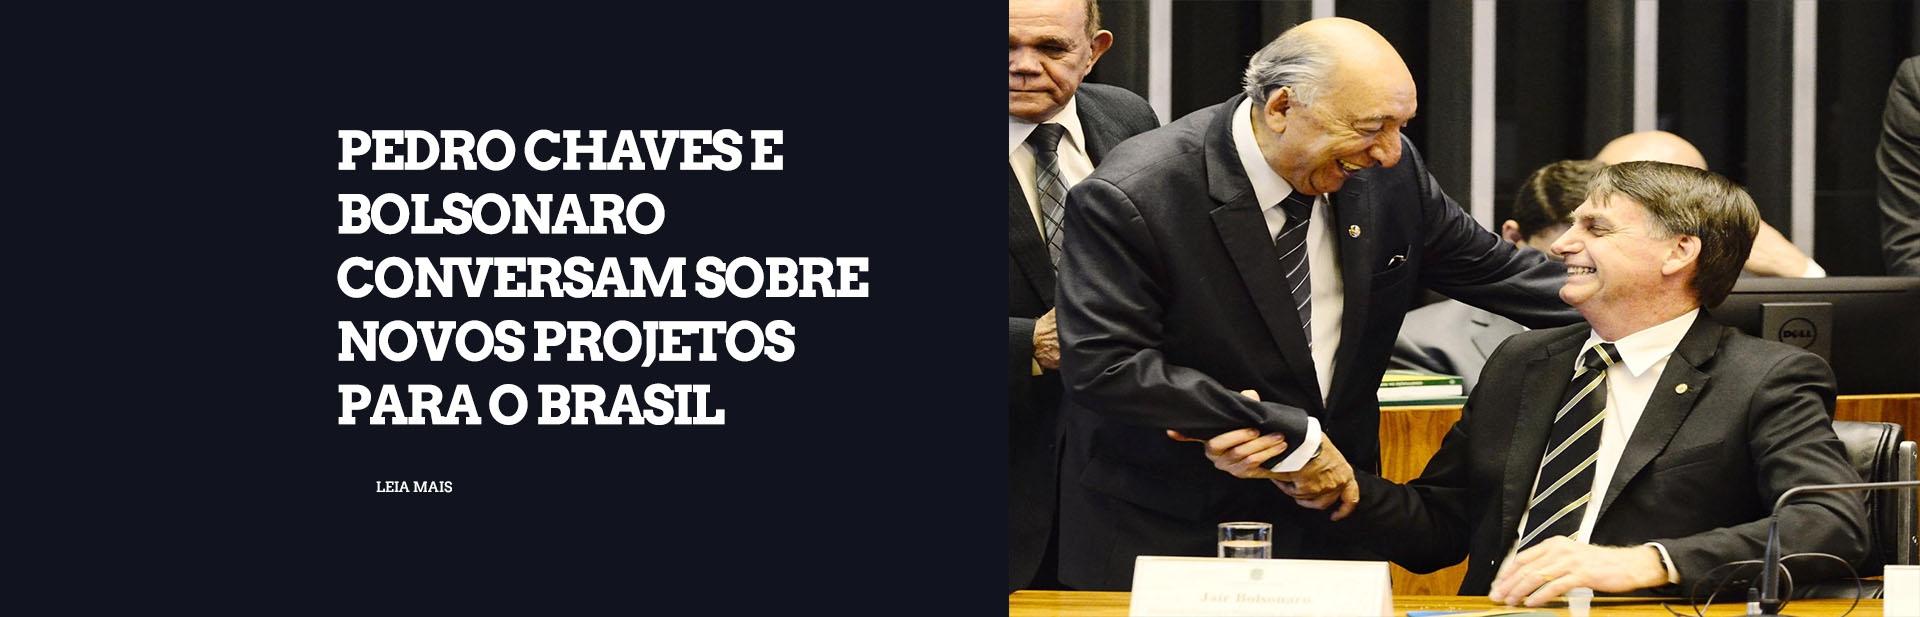 Pedro Chaves e Bolsonaro conversam sobre novos projetos para o Brasil